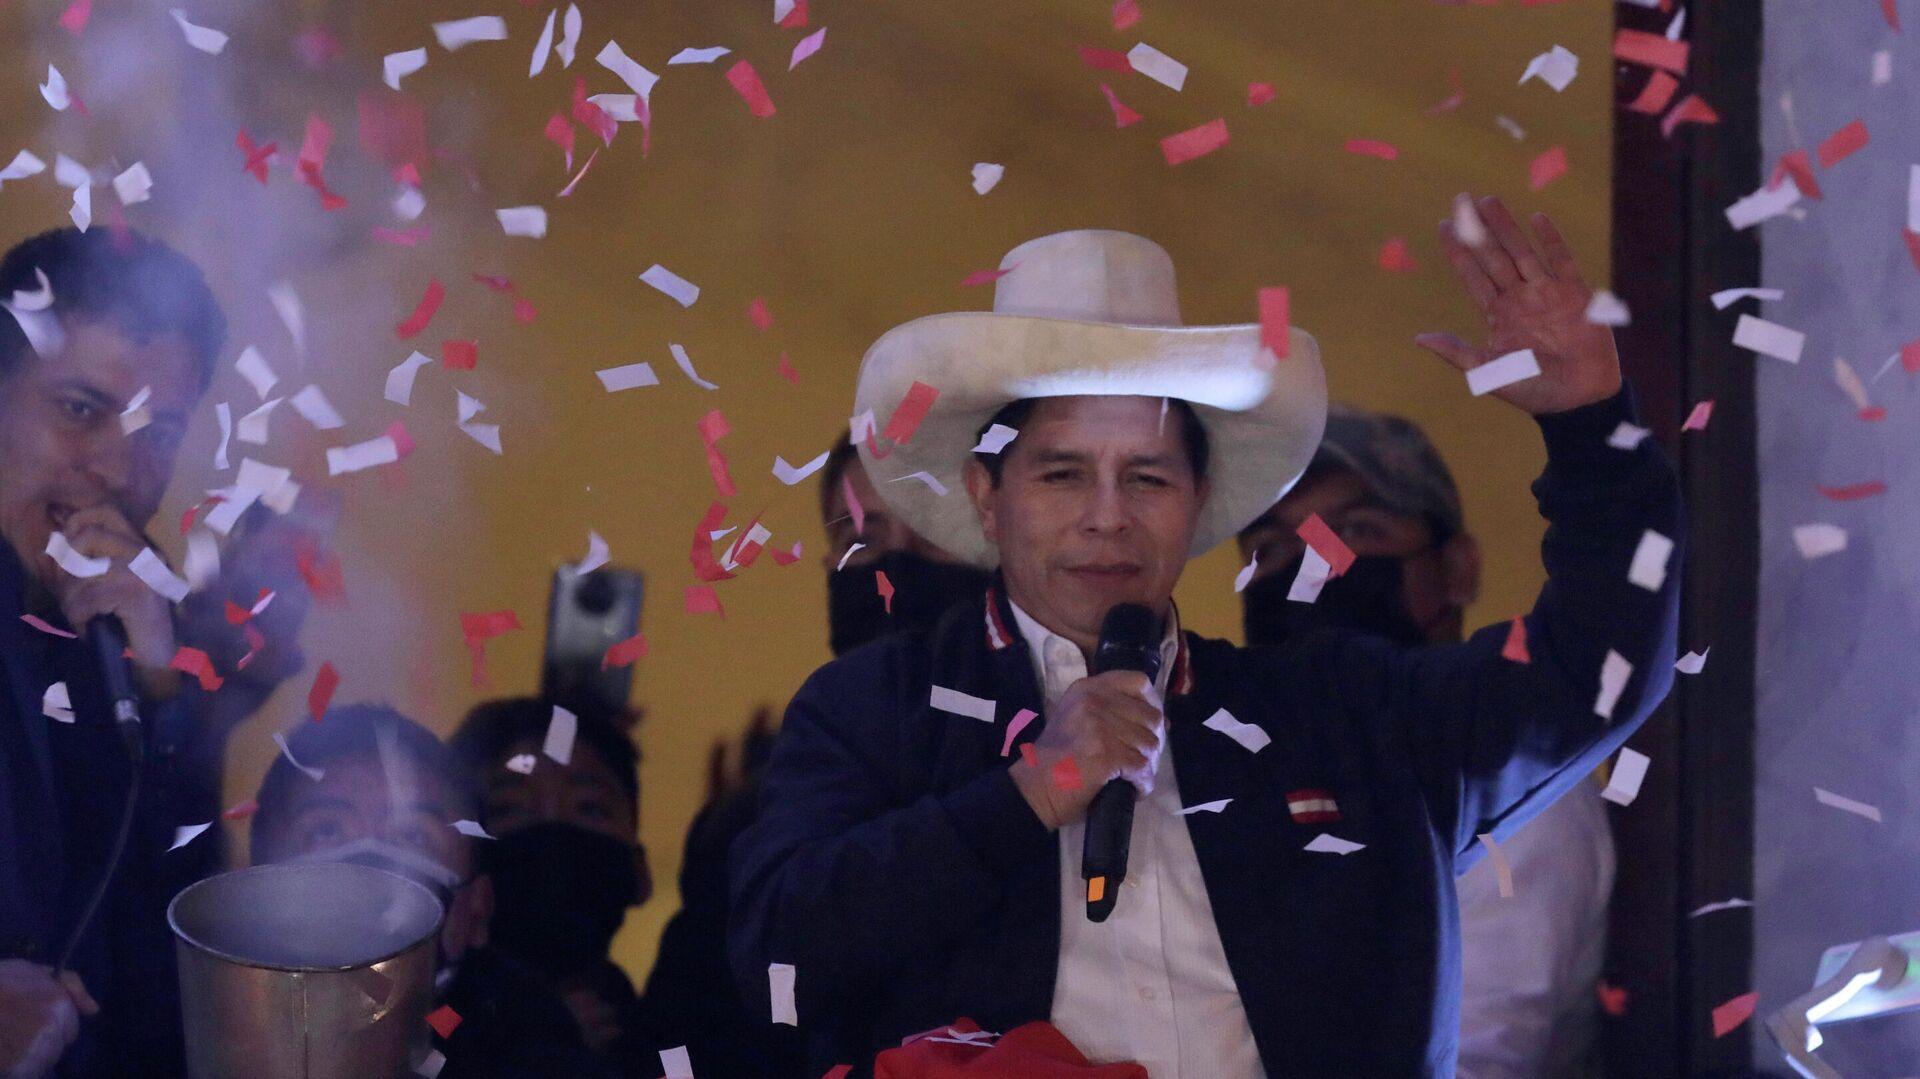 El presidente electo de Perú, Pedro Castillo, celebra su triunfo electoral - Sputnik Mundo, 1920, 07.10.2021